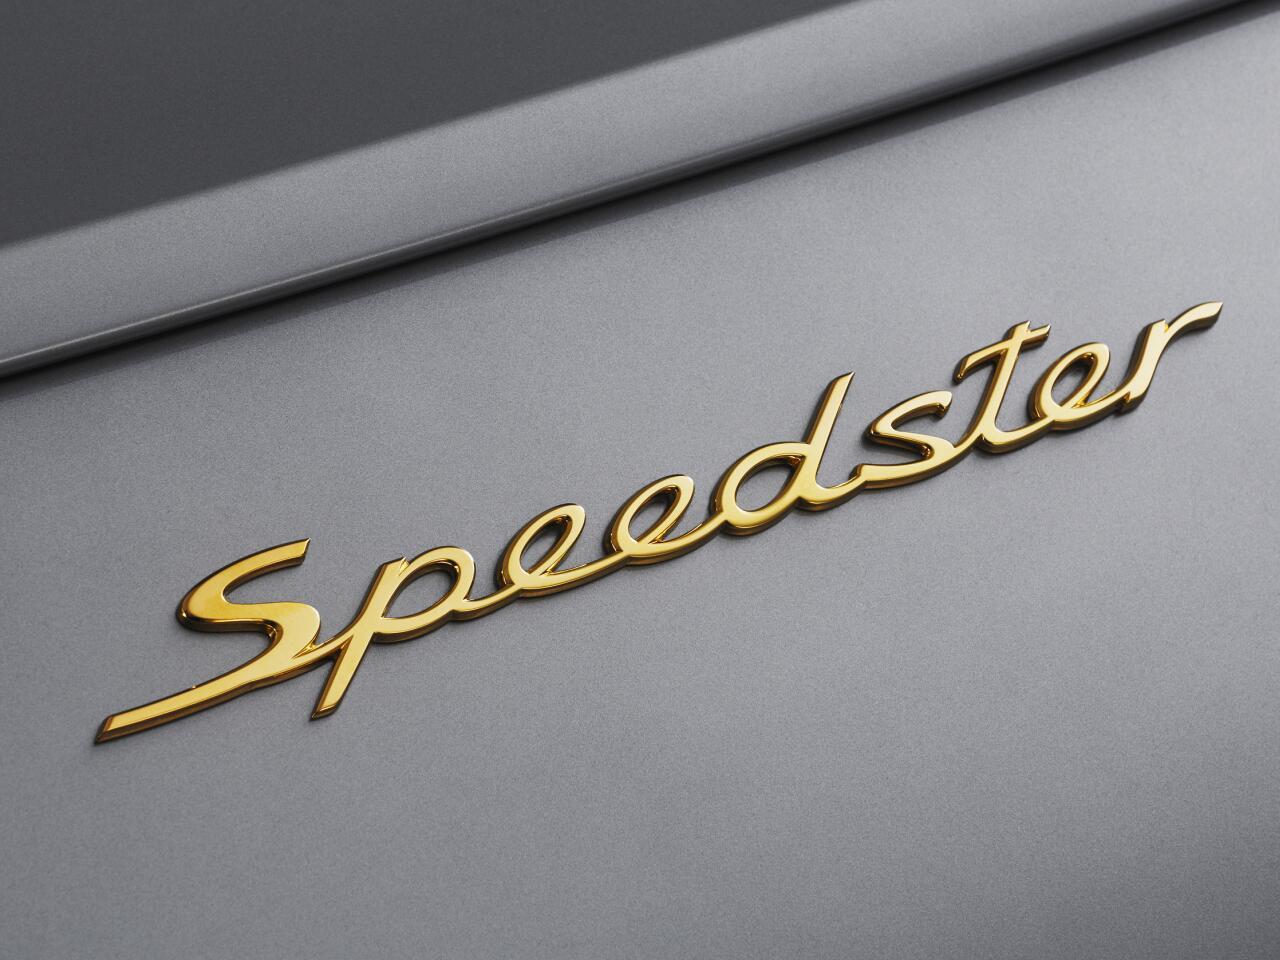 Bild zu Speedster - da klingt schon der Name